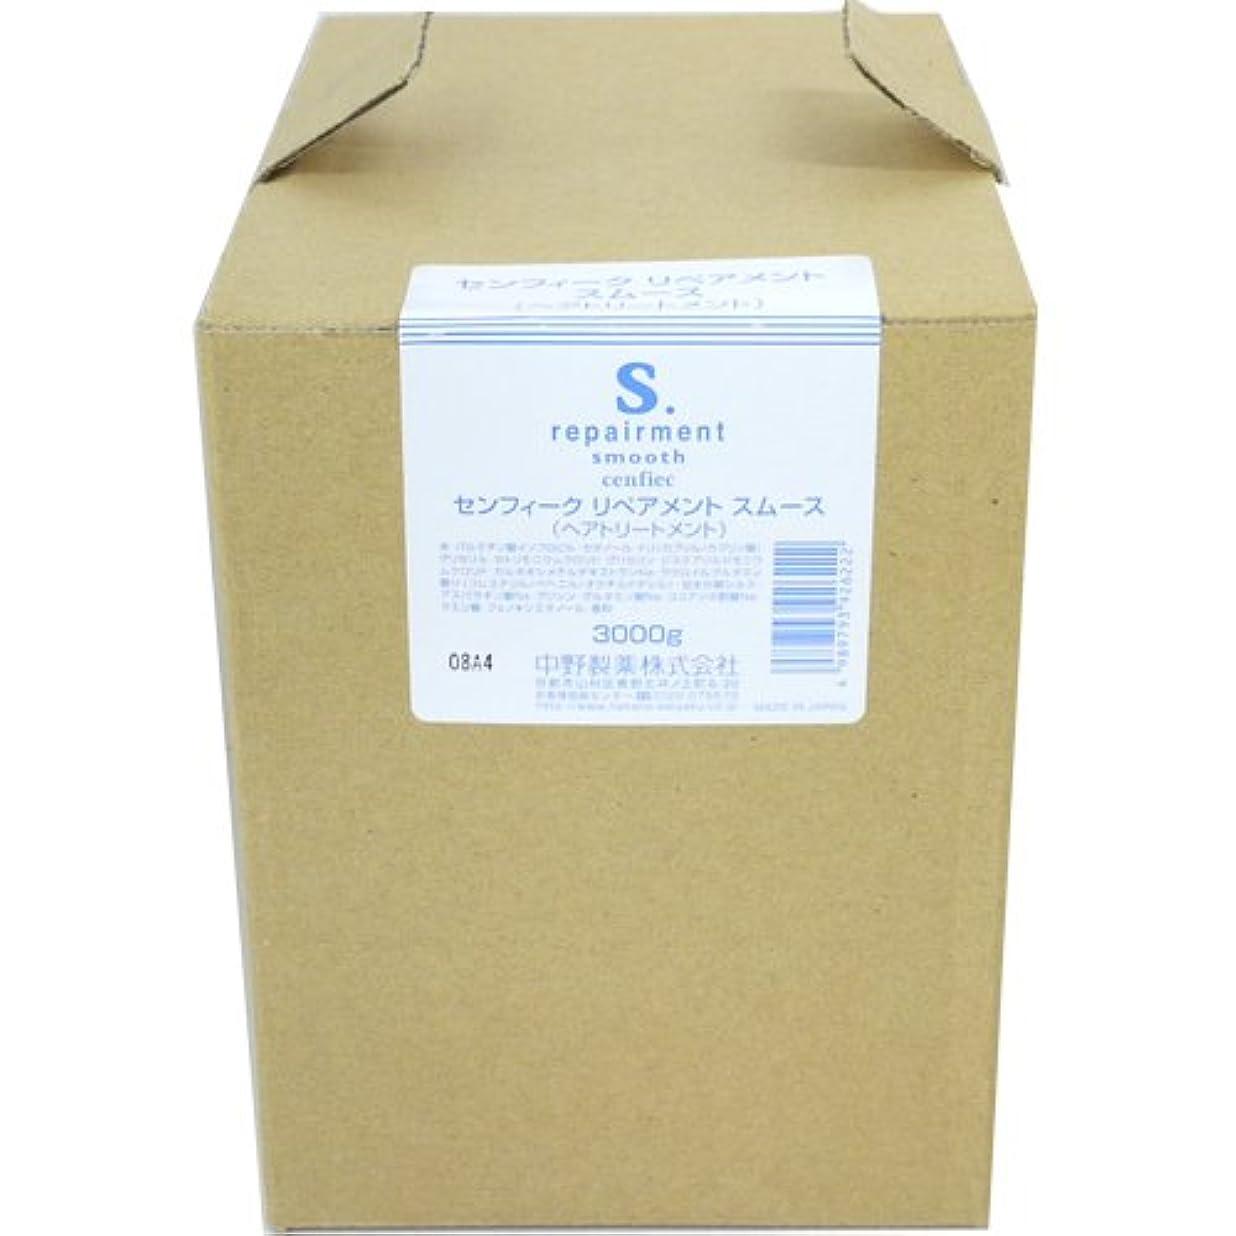 動かす大佐シュガーナカノ センフィーク リペアメント スムース 詰め替え用 3000g(1500g×2)